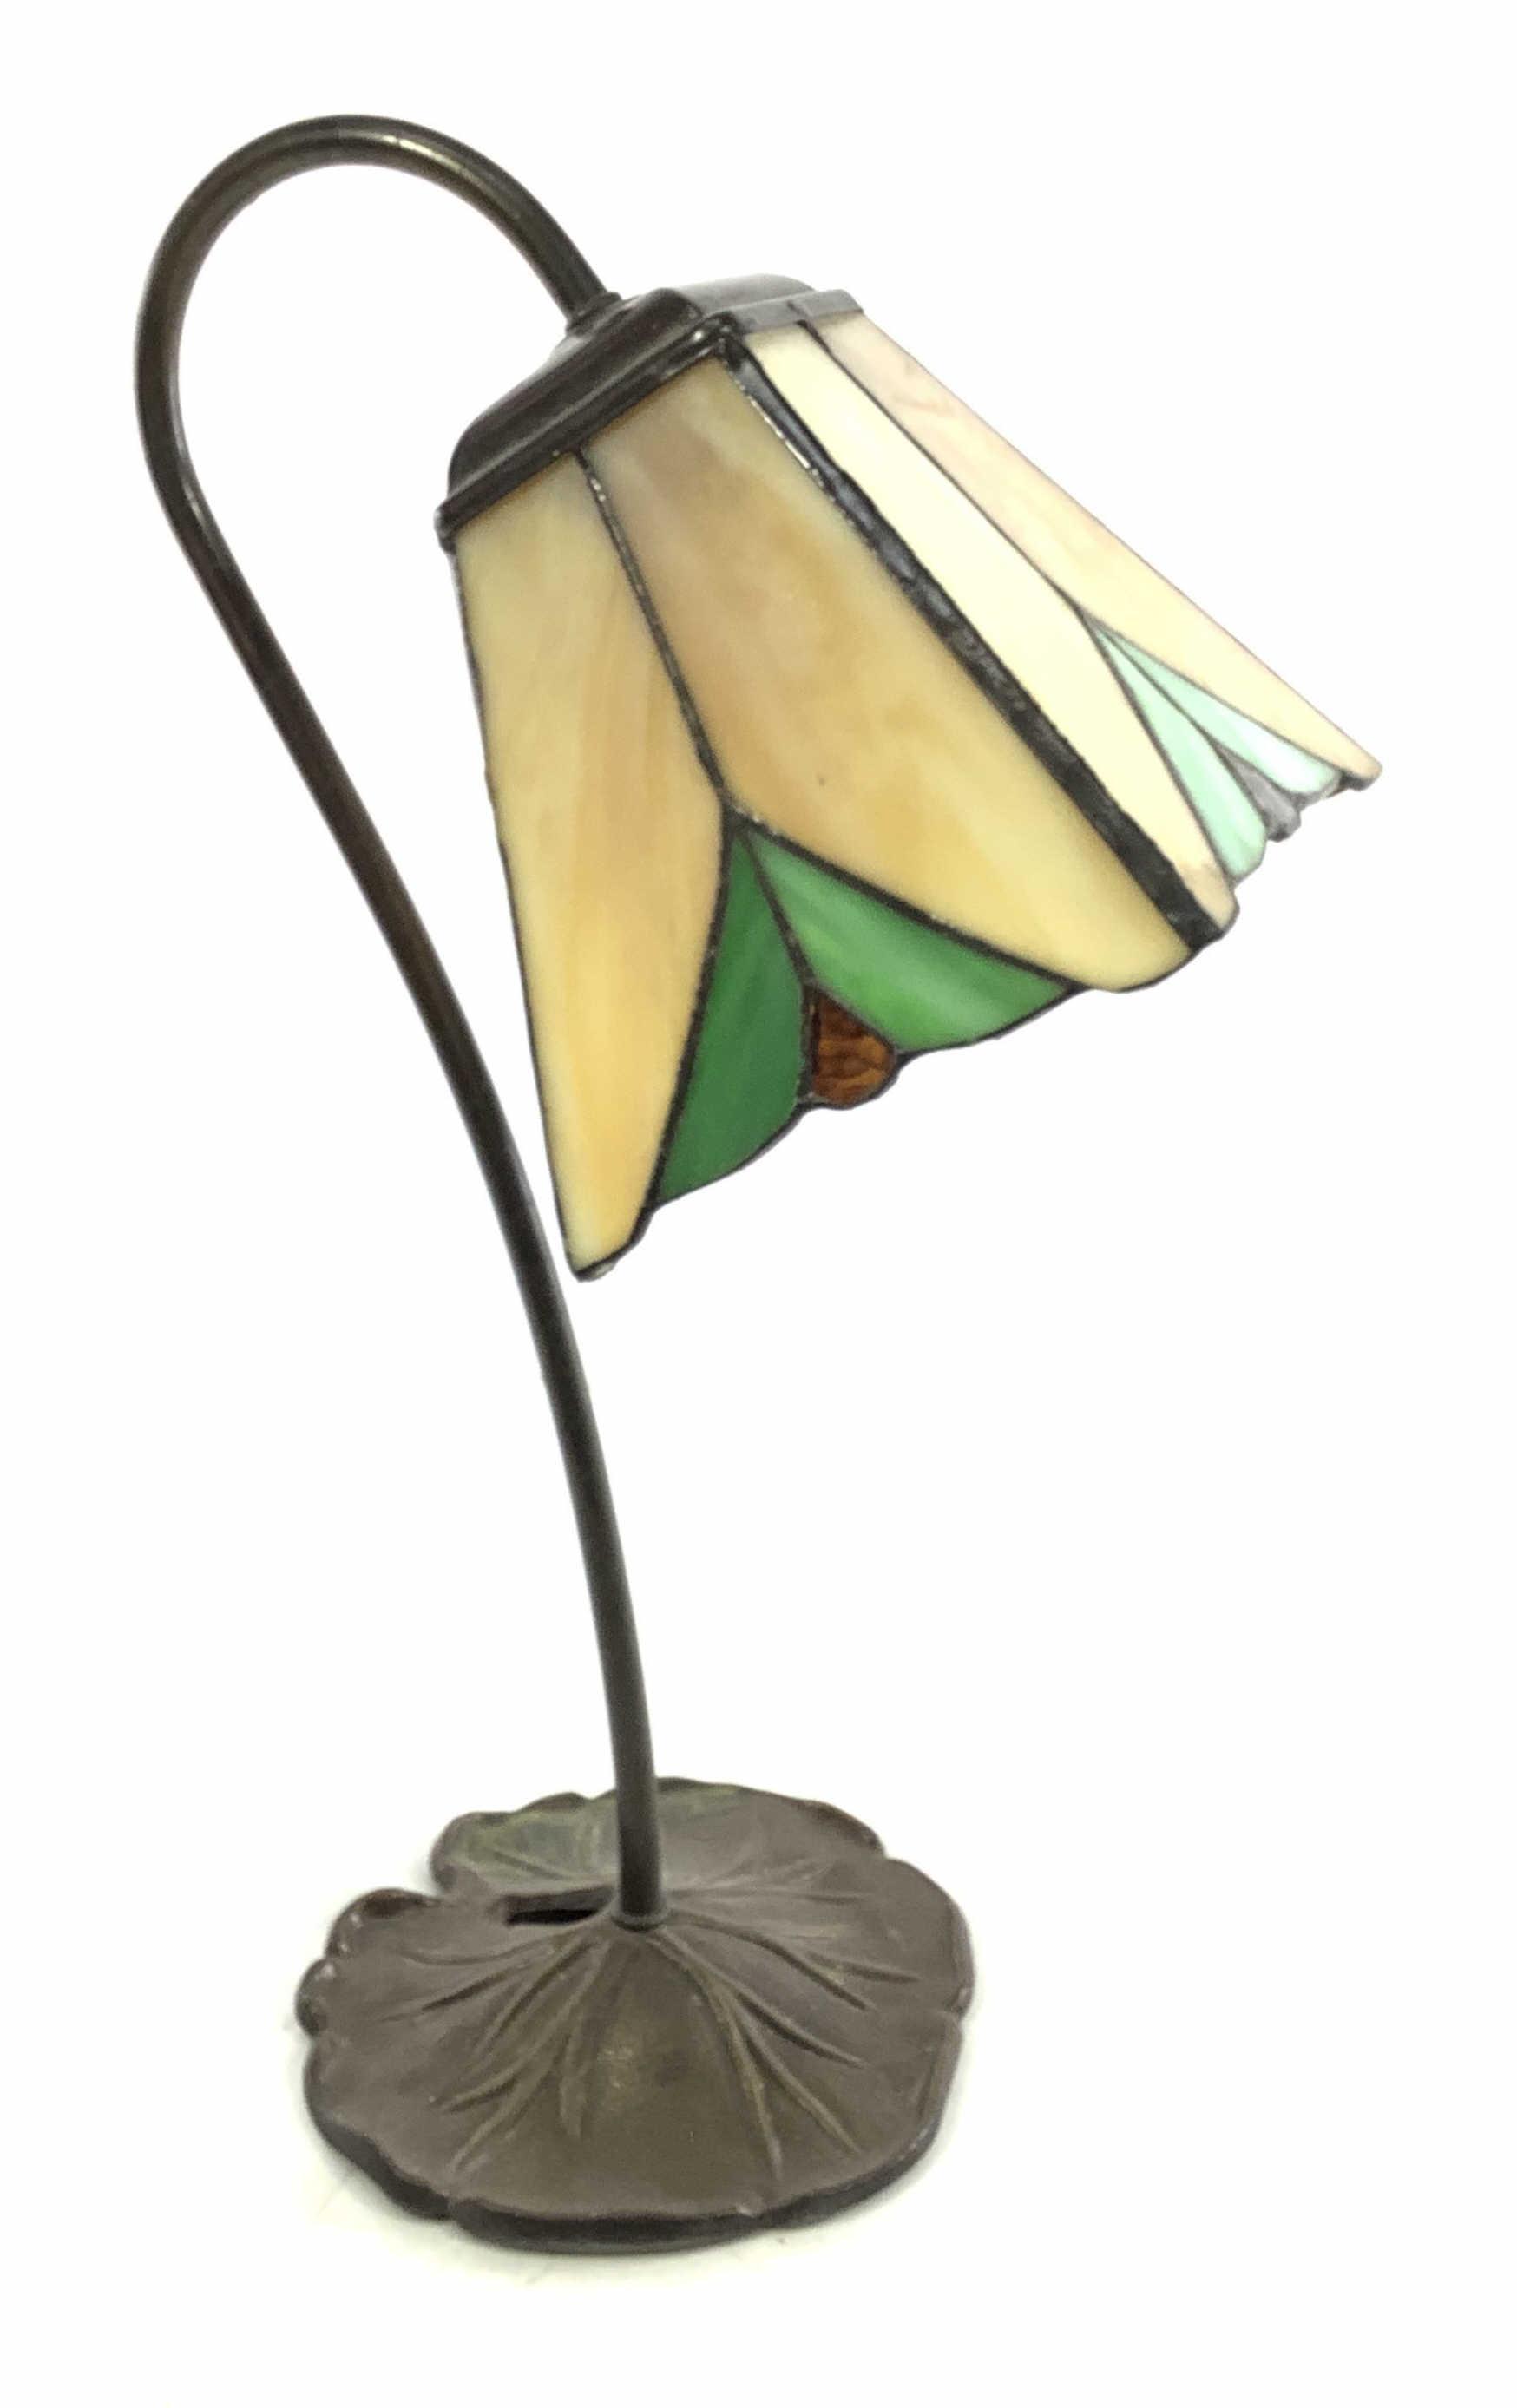 Slag Glass Desk Lamp, Needs Repair